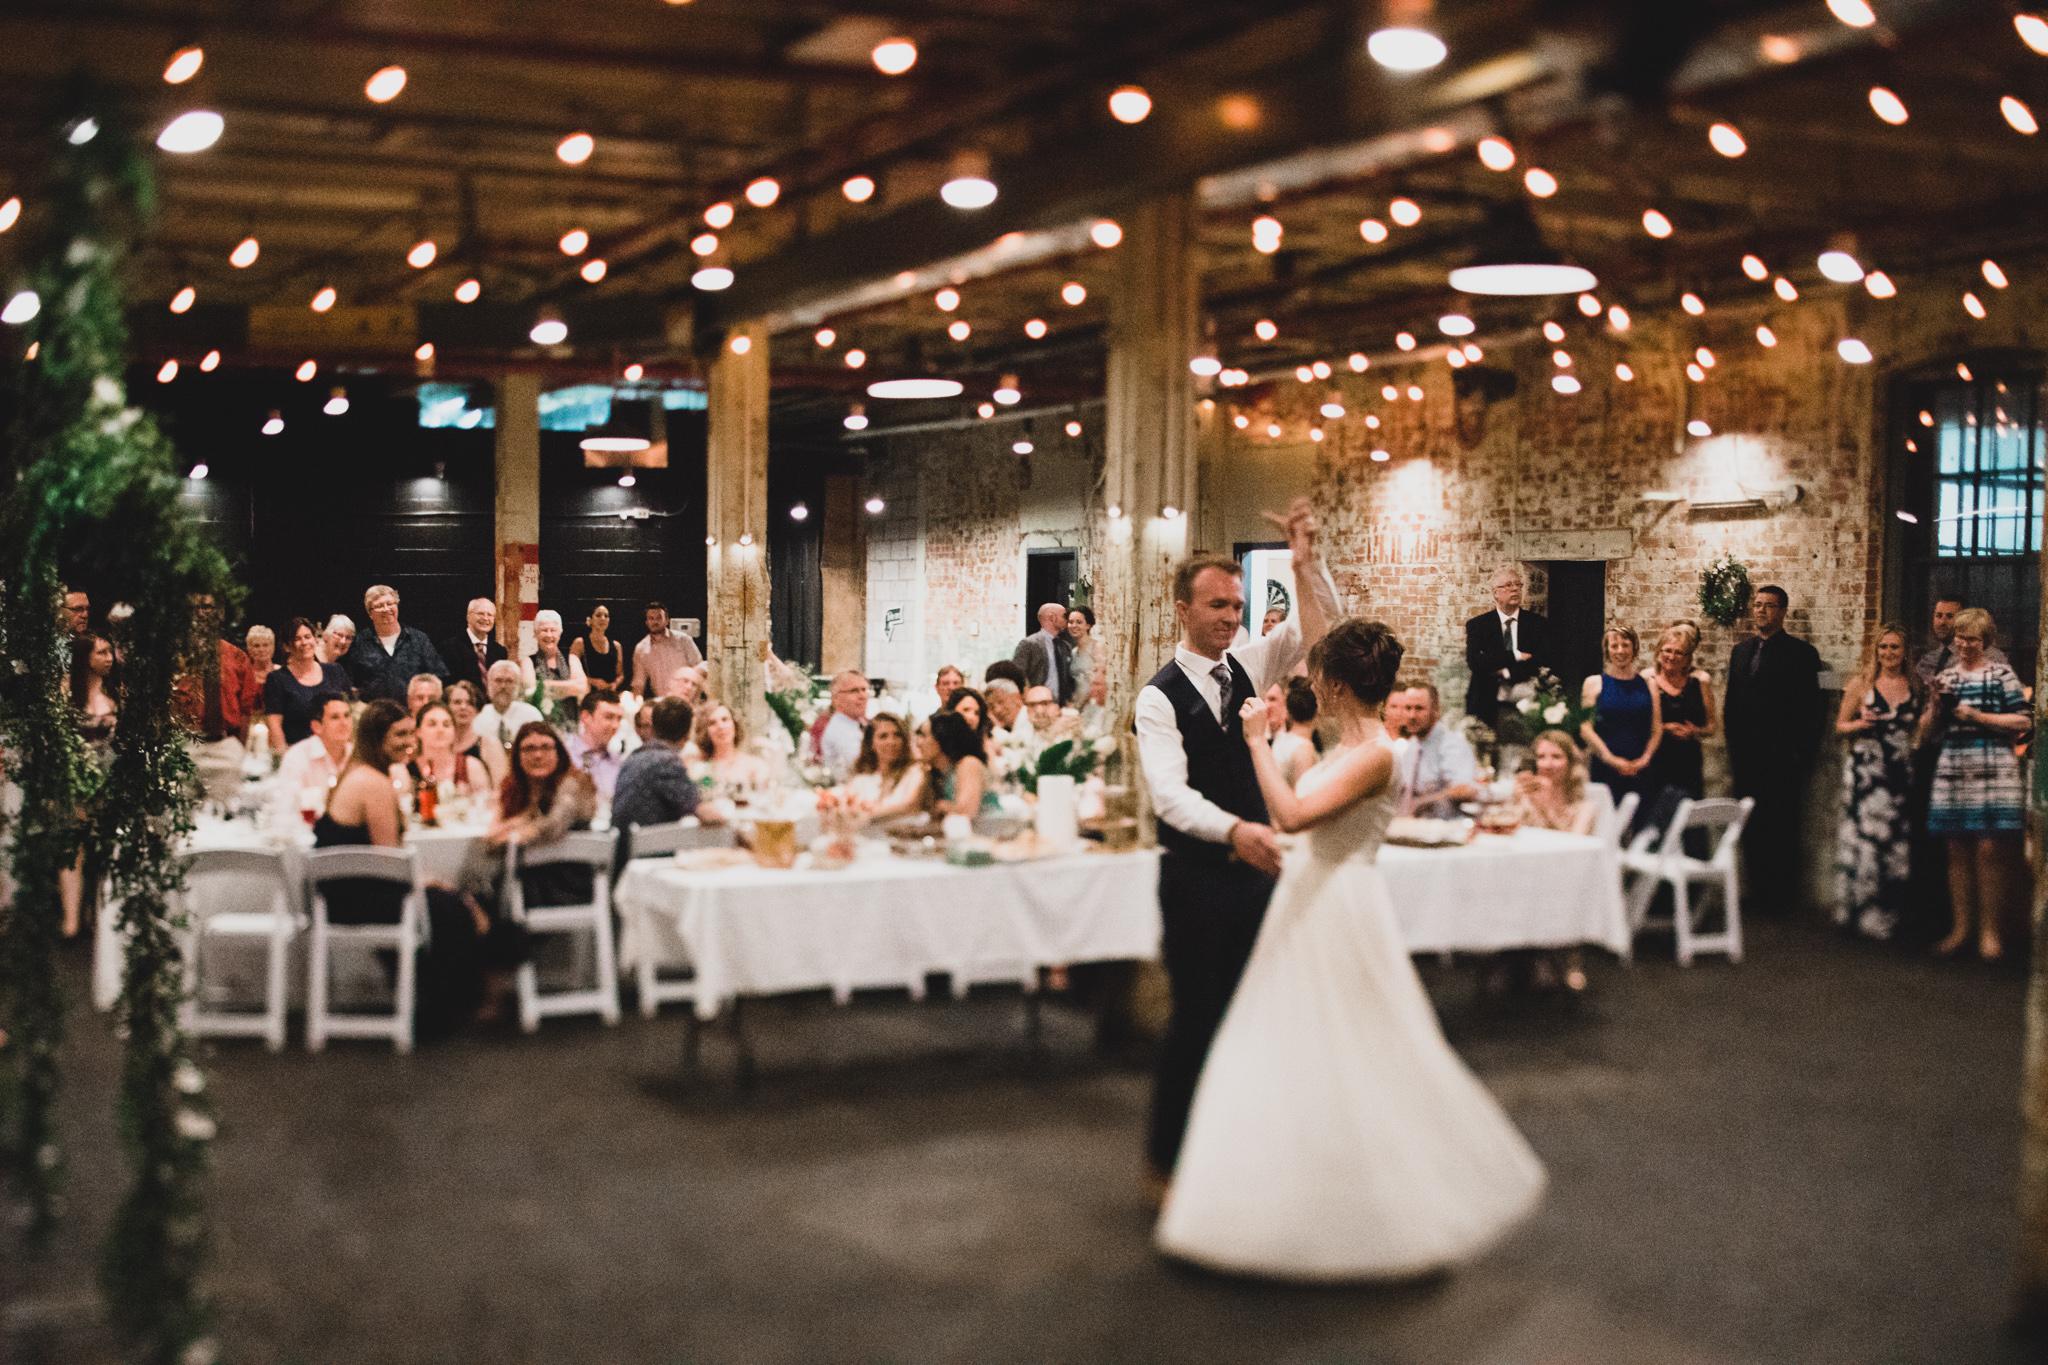 Zibi Wedding Reception in Gatineau